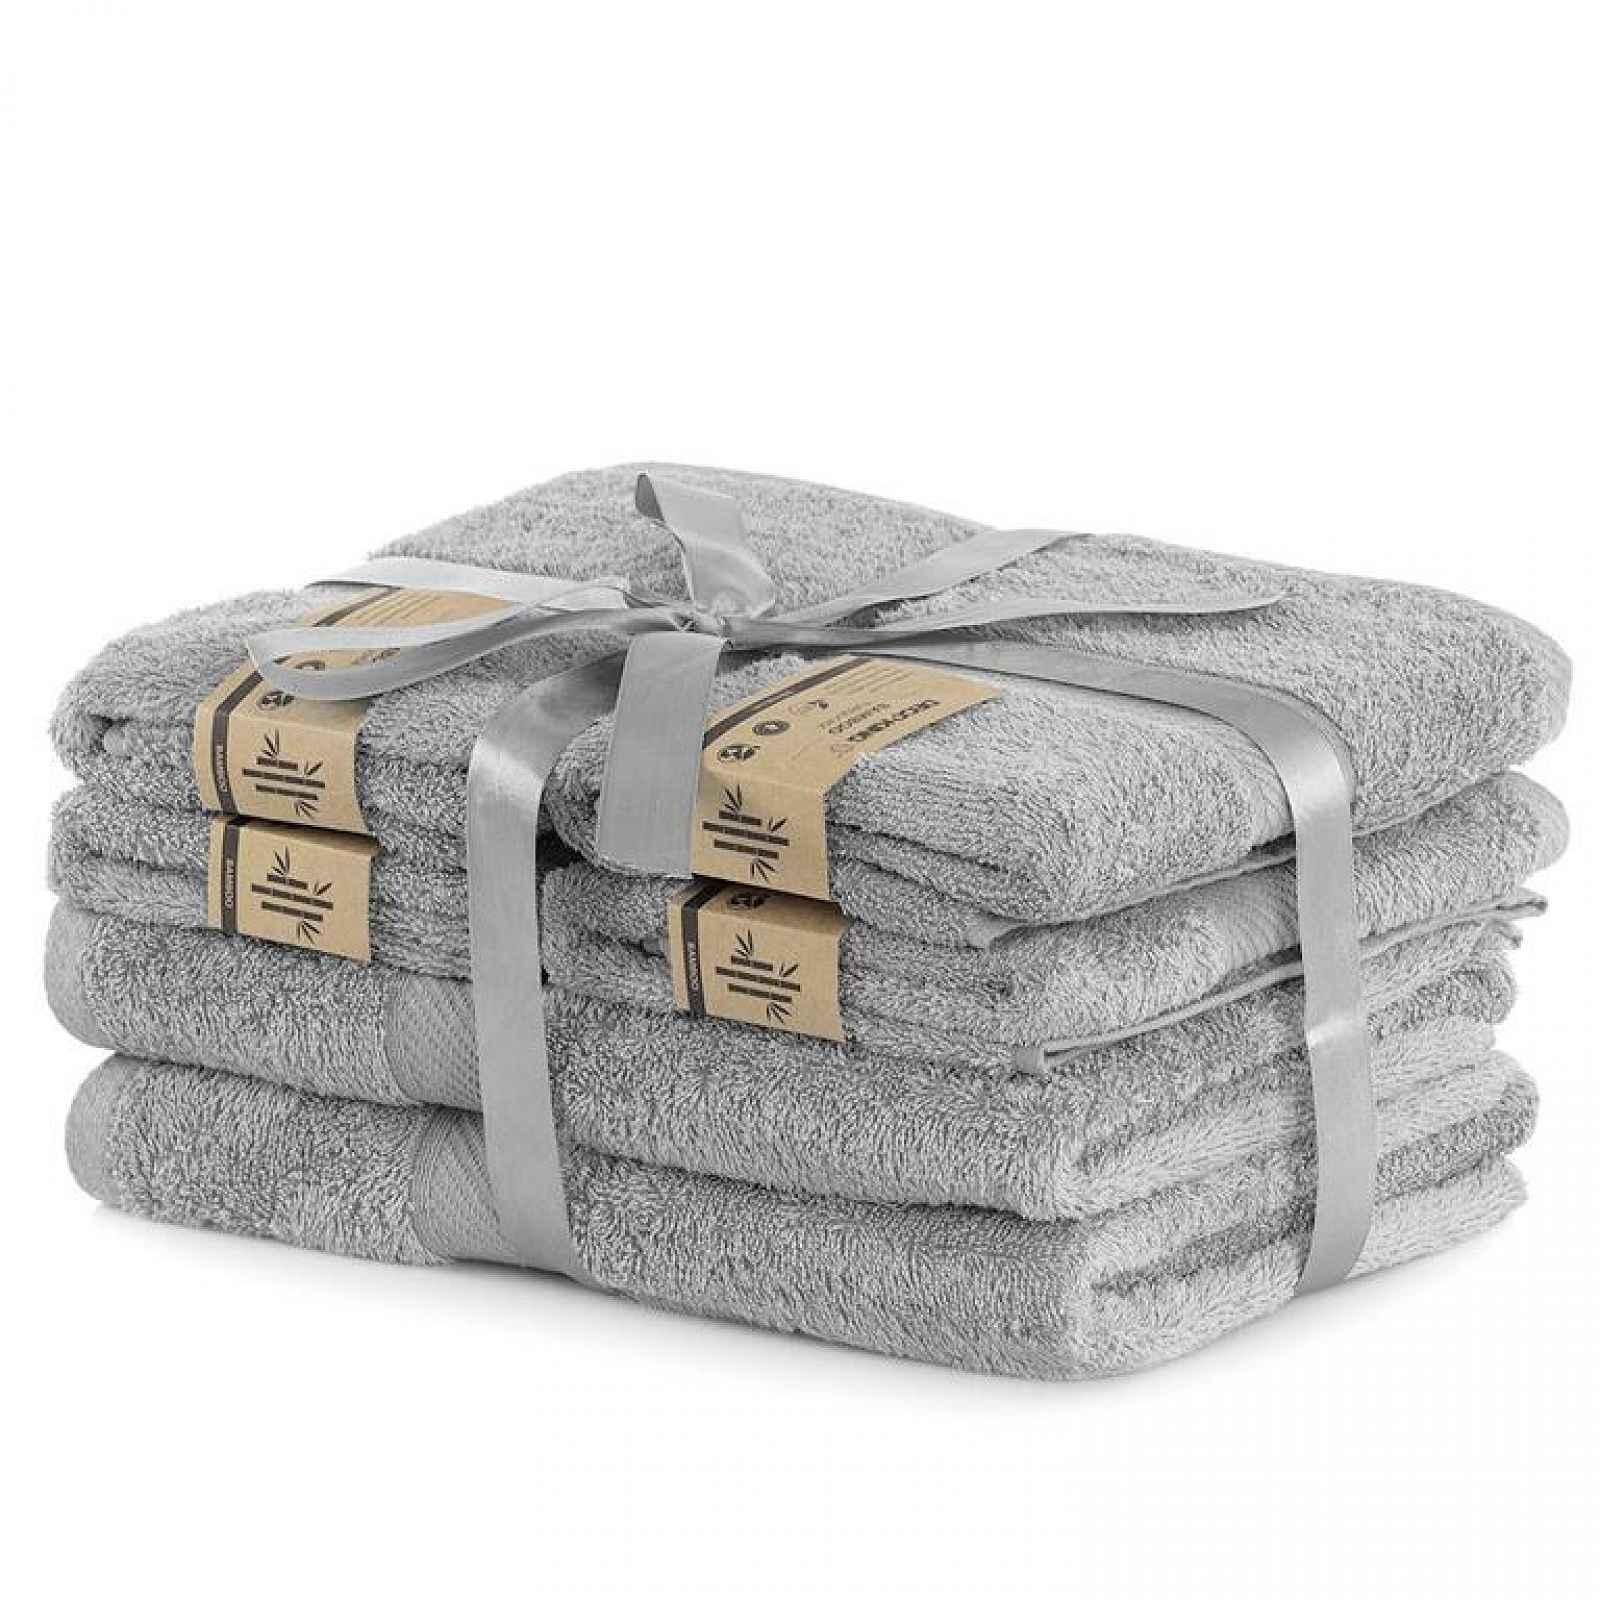 Sada bambusových ručníků a osušek BAMBY světle šedá 6 ks